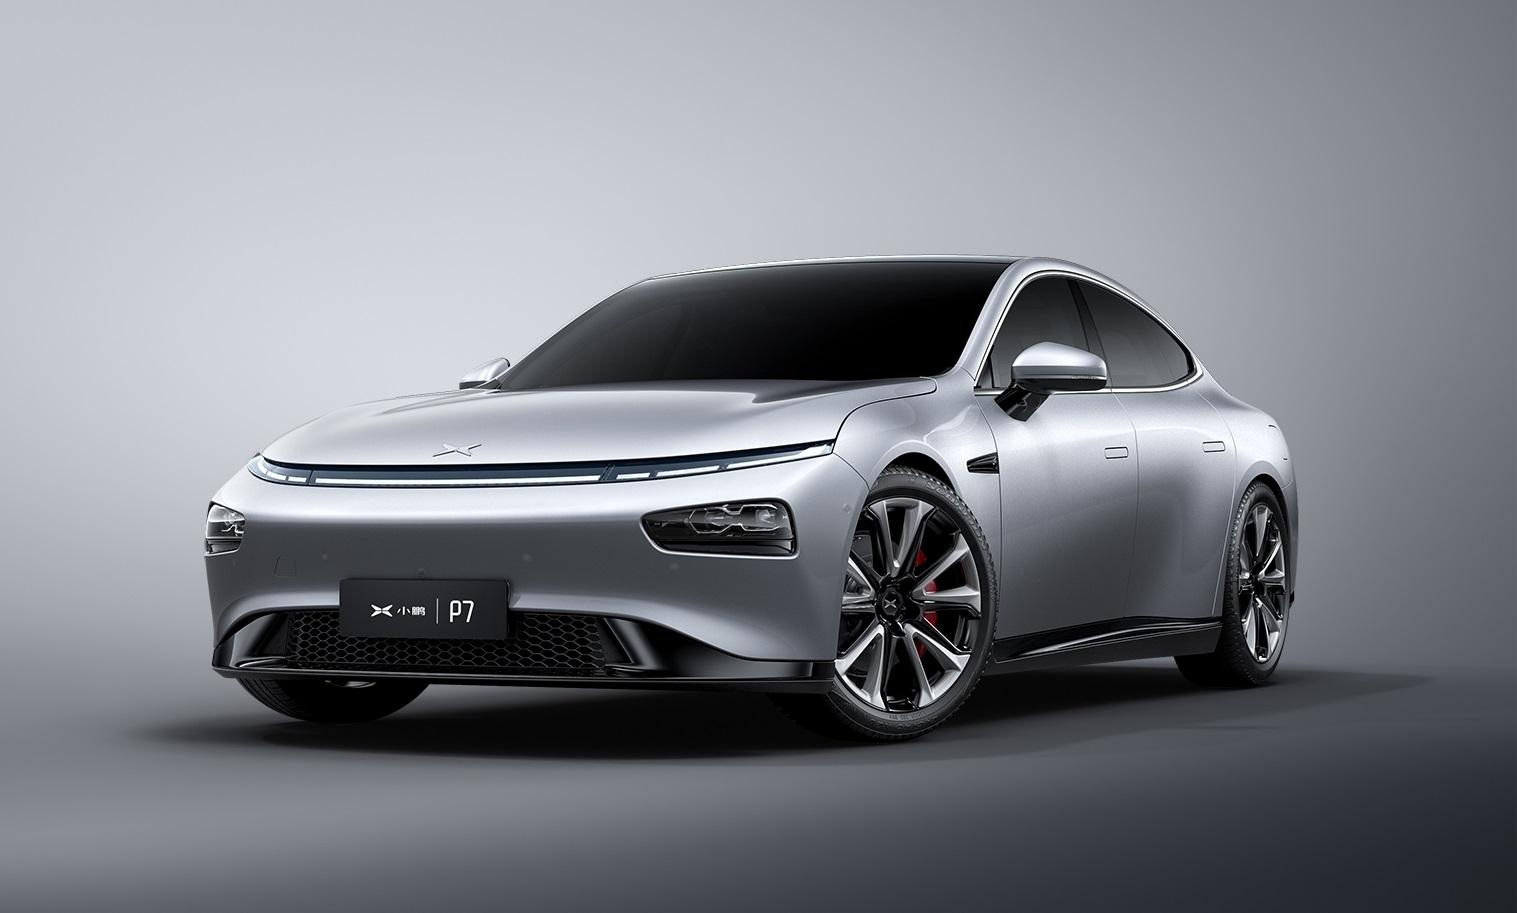 Китайцы представили Xiaopeng P7— электромобиль-убийцу Tesla Model 3 cавтопилотом Nvidia